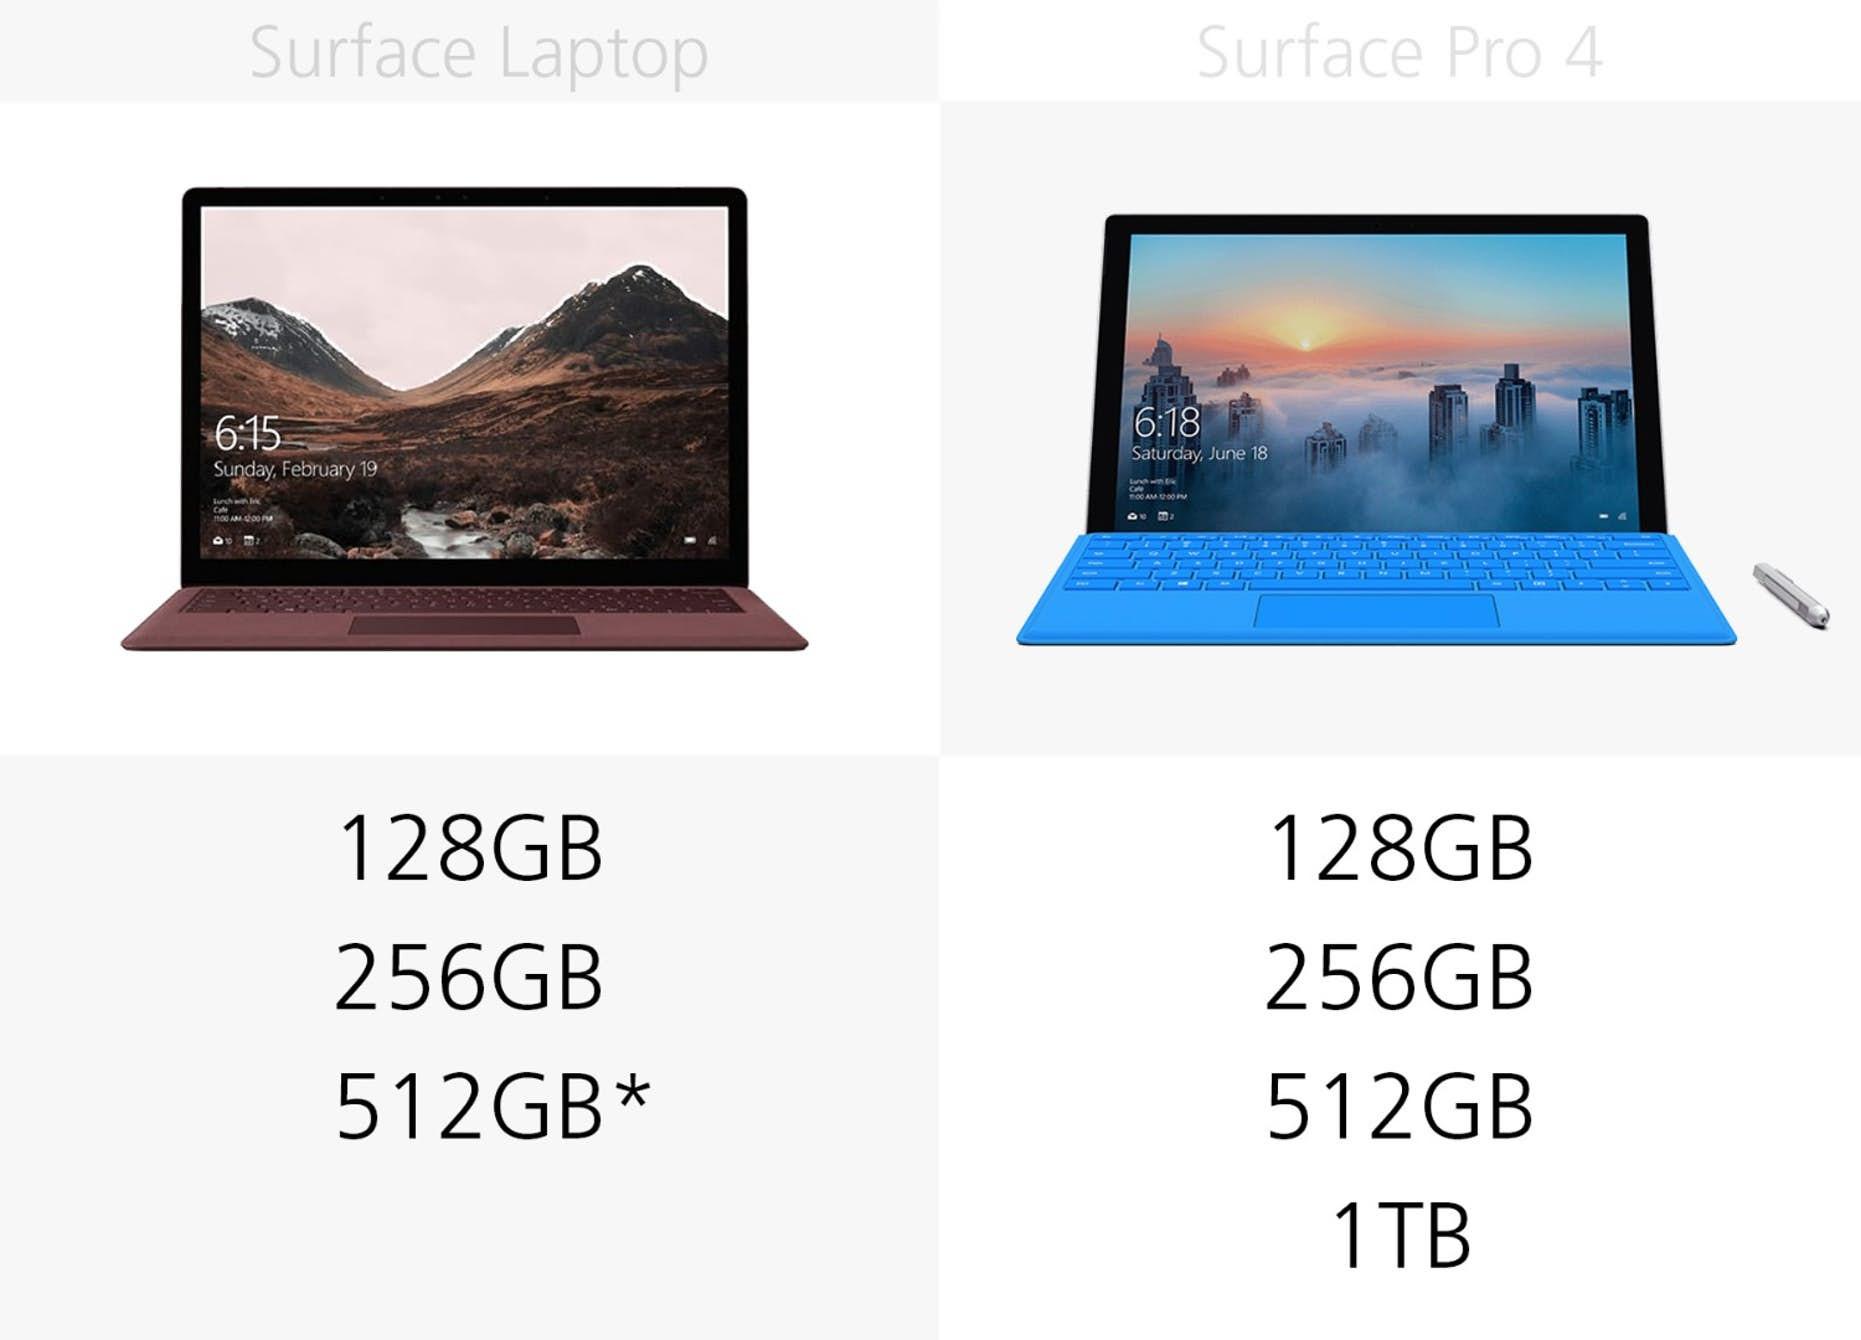 1493969722_microsoft-surface-laptop-vs-surface-pro-4-specs-comparison-10.jpg